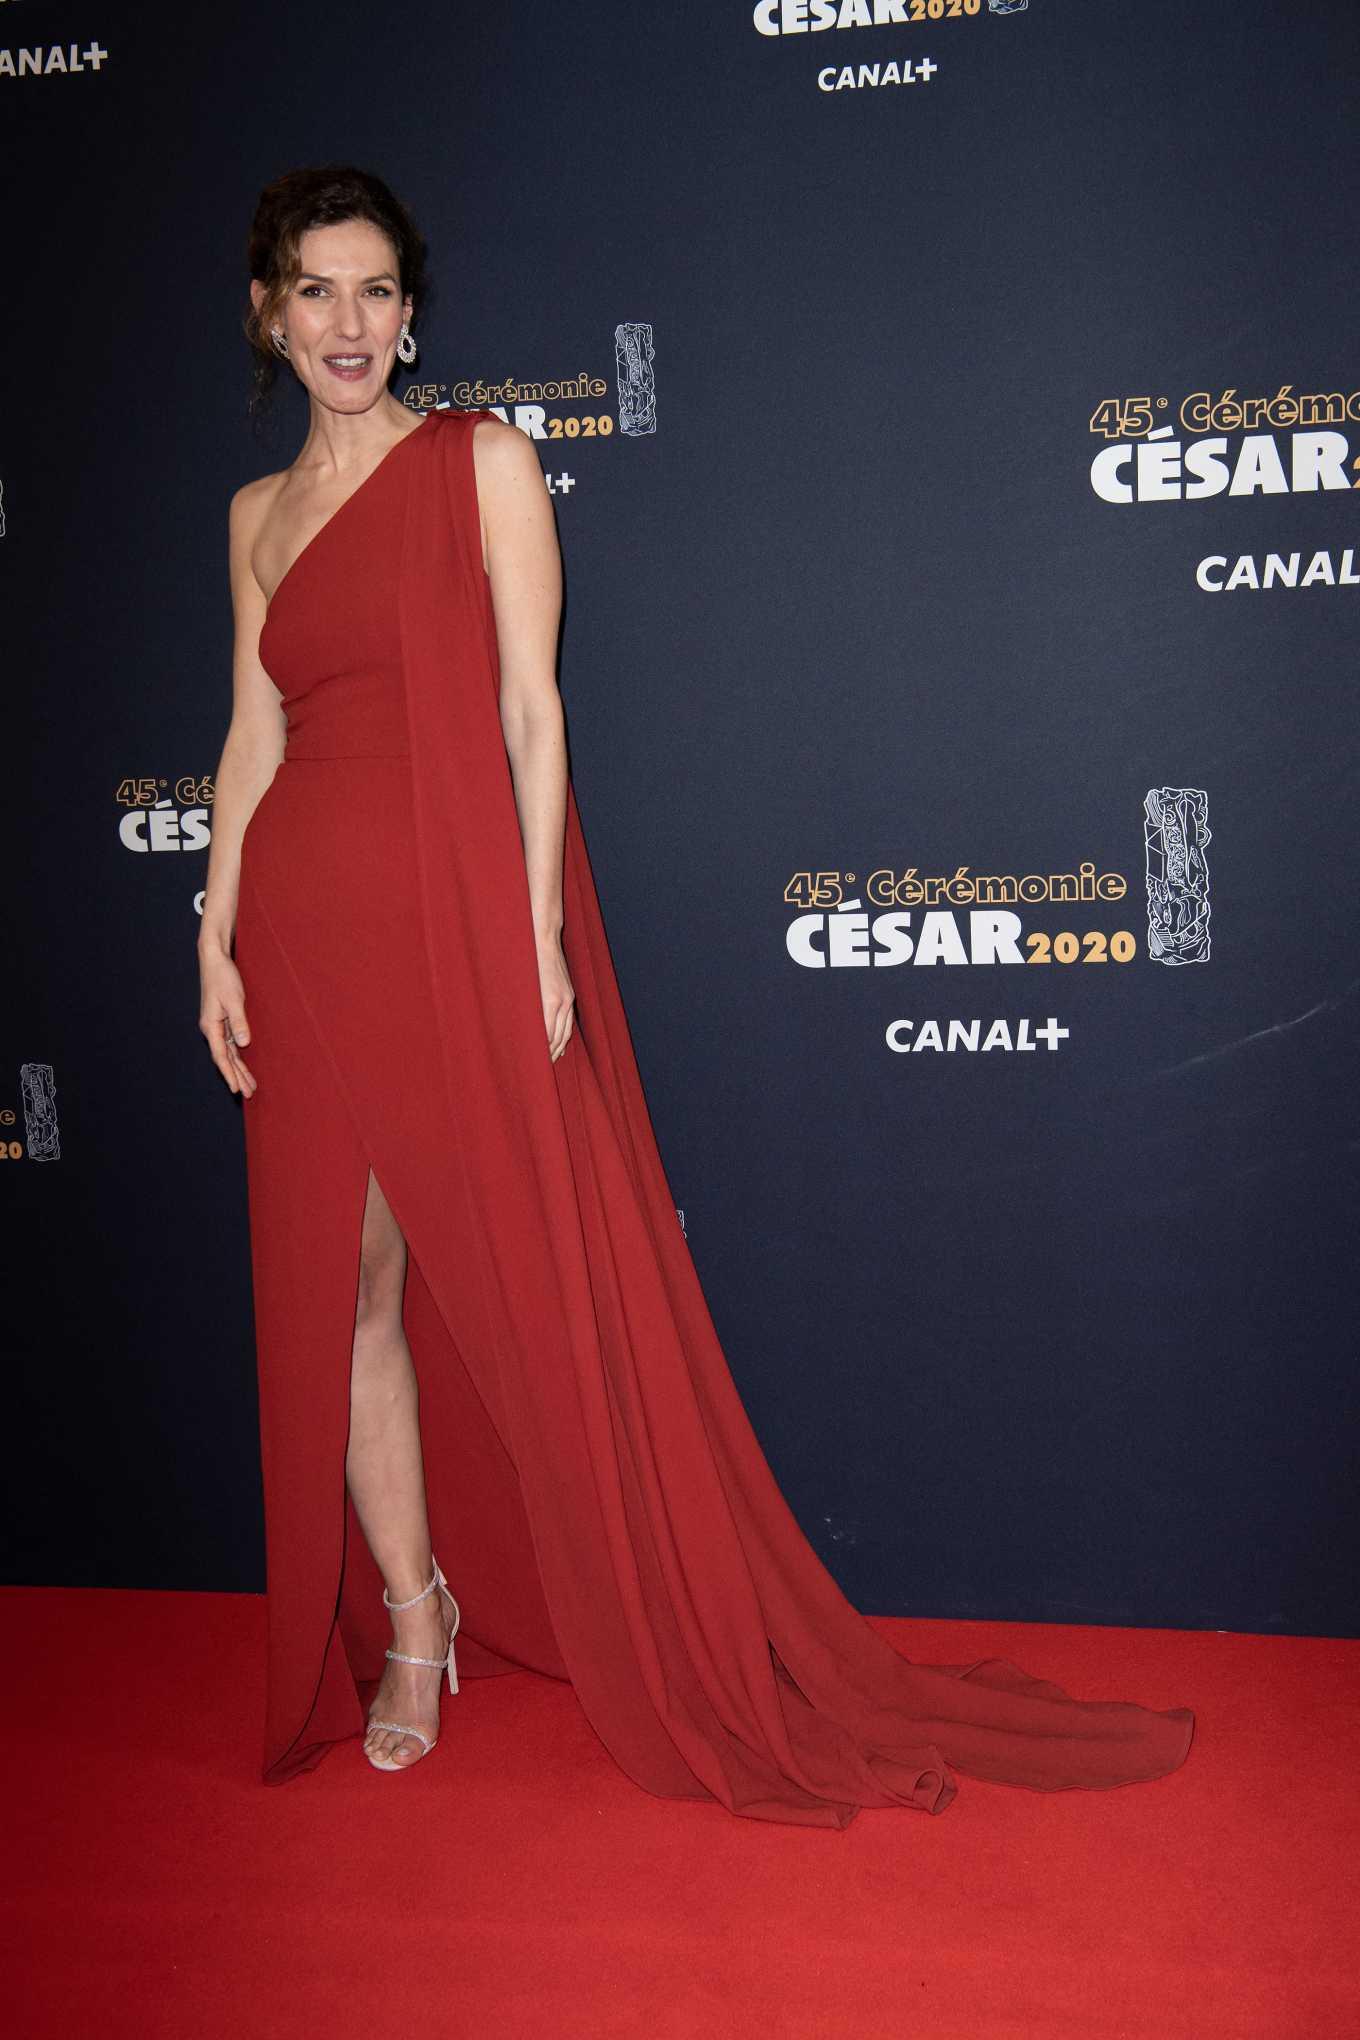 Doria Tillier 2020 : Doria Tillier – 45th Cesar Awards in Paris-11